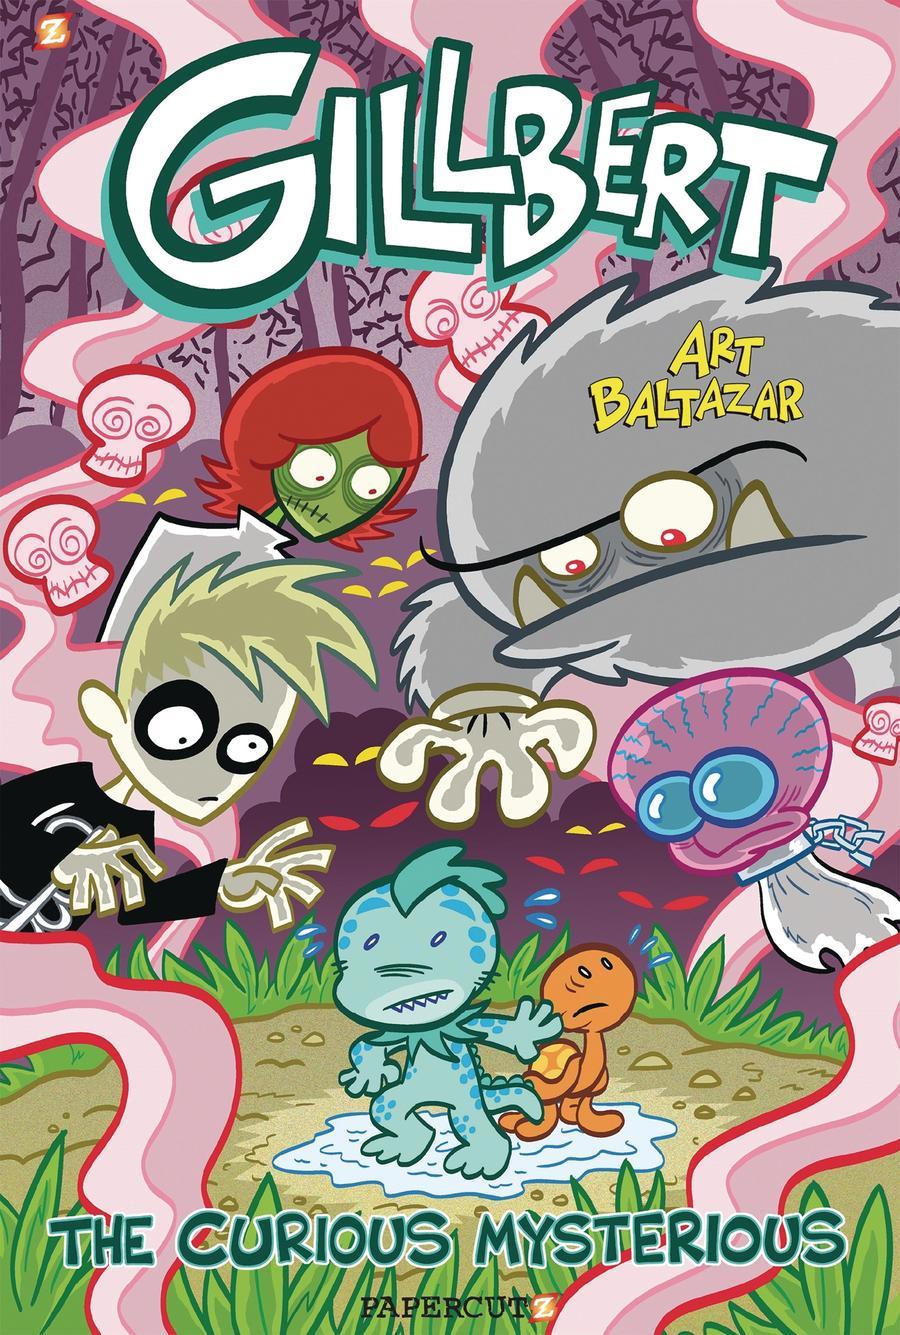 Gillbert The Little Merman Vol 2 Curious Mysterious HC